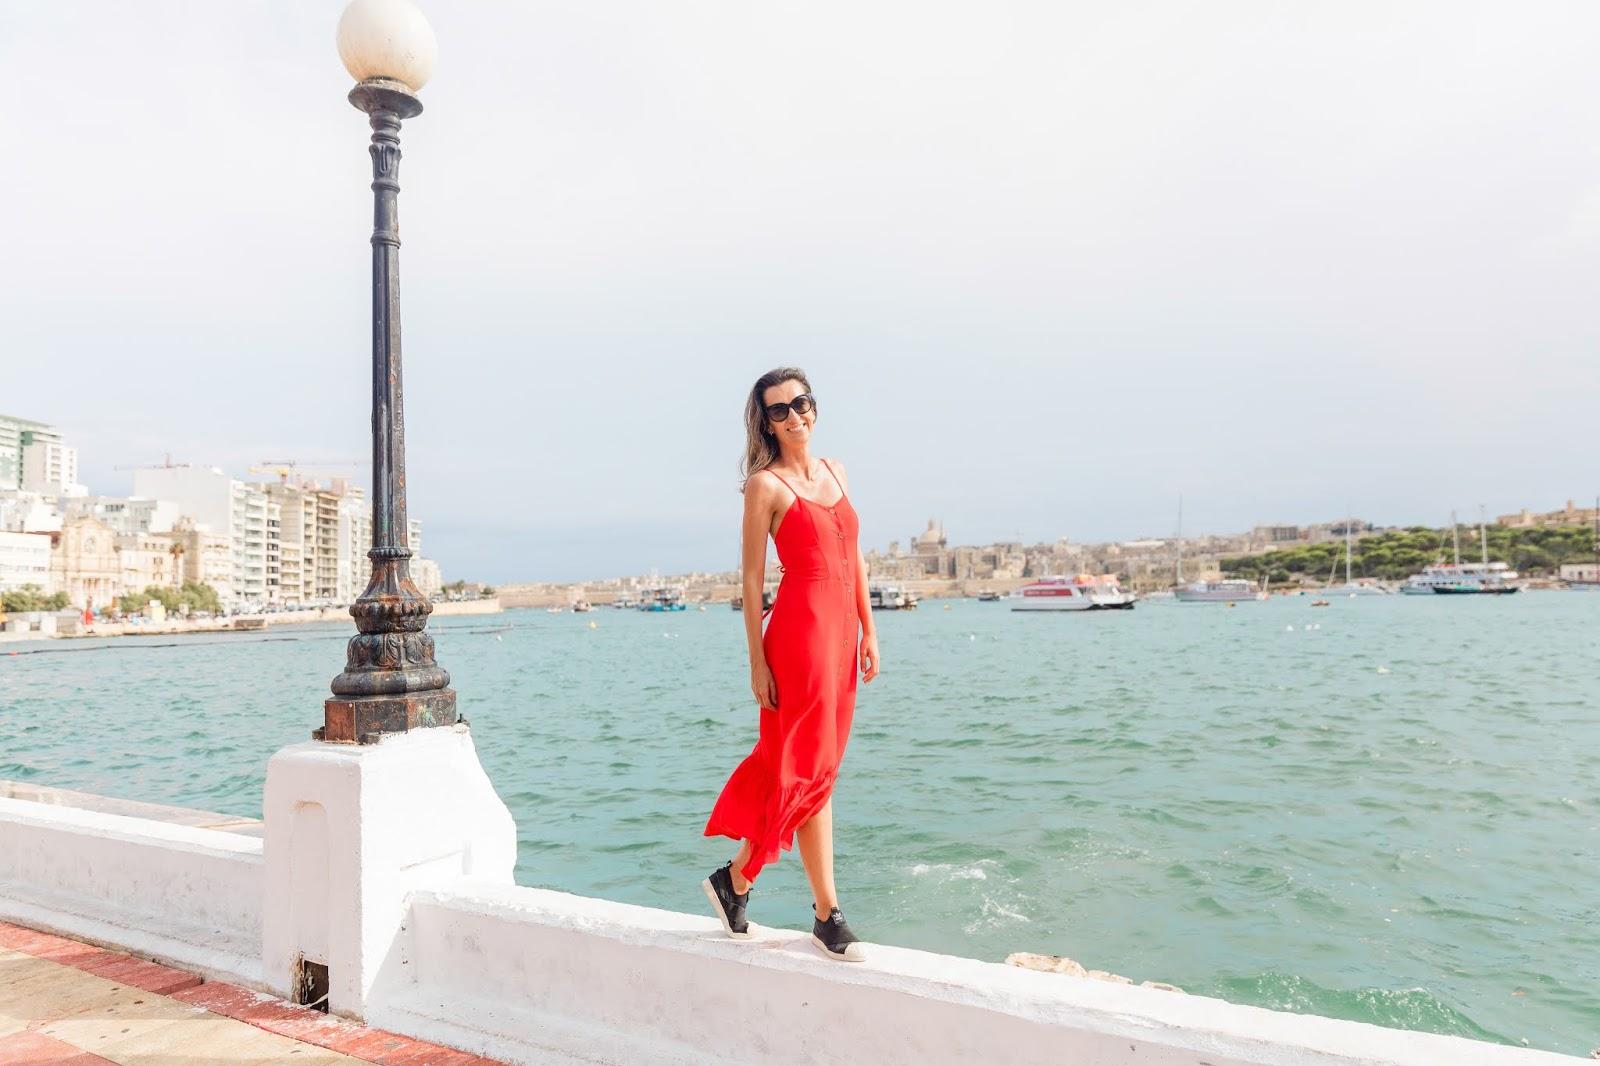 Sessao de Fotos em Malta